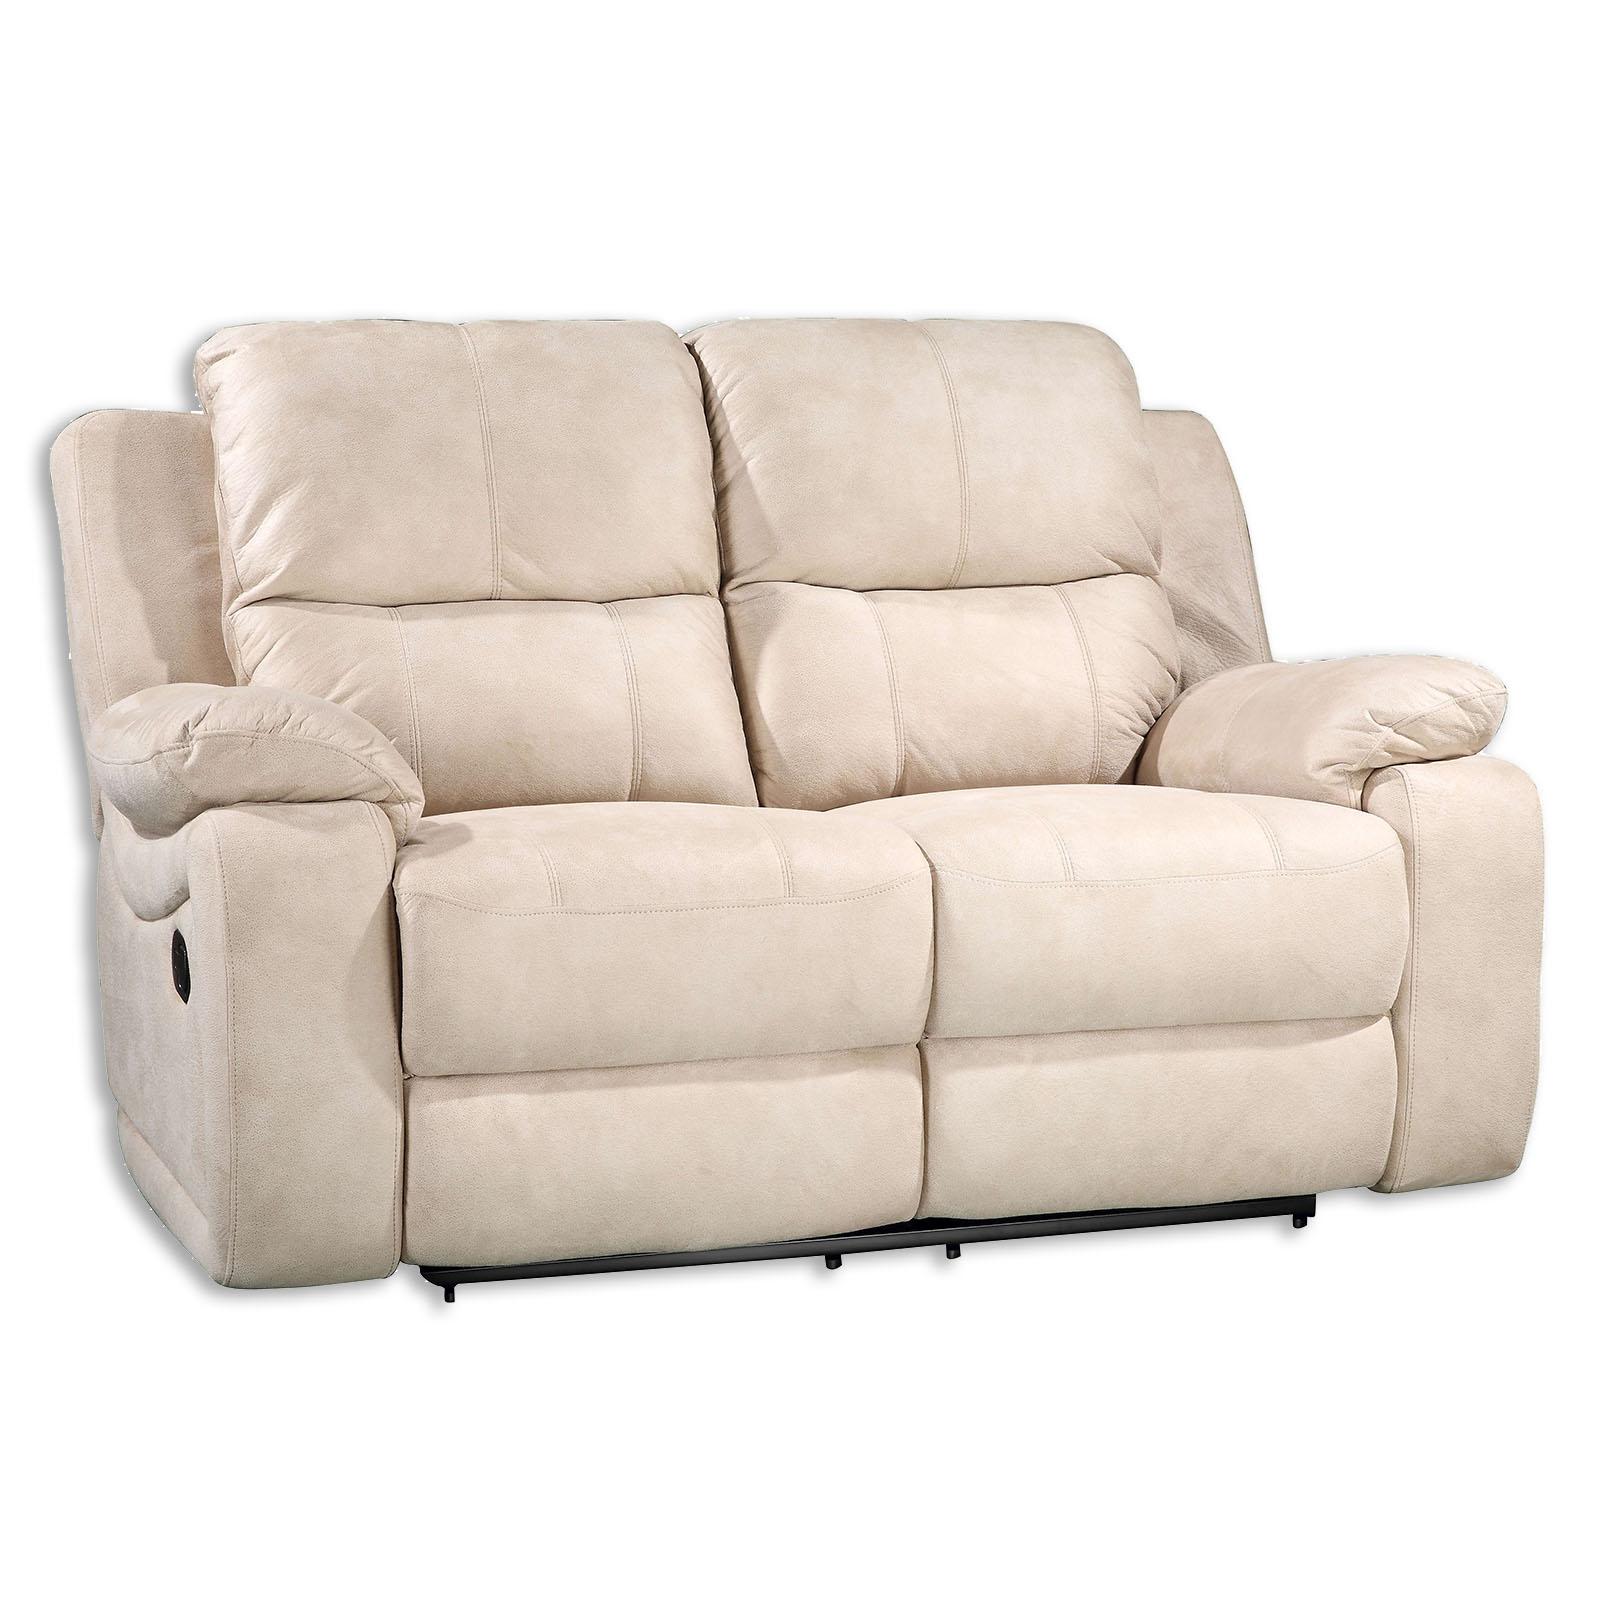 Full Size of 2 Sitzer Sofa Mit Relaxfunktion 5 2 Sitzer City Integrierter Tischablage Und Stauraumfach Elektrisch Leder Stressless Stoff Couch Elektrischer 5 Sitzer   Grau Sofa 2 Sitzer Sofa Mit Relaxfunktion